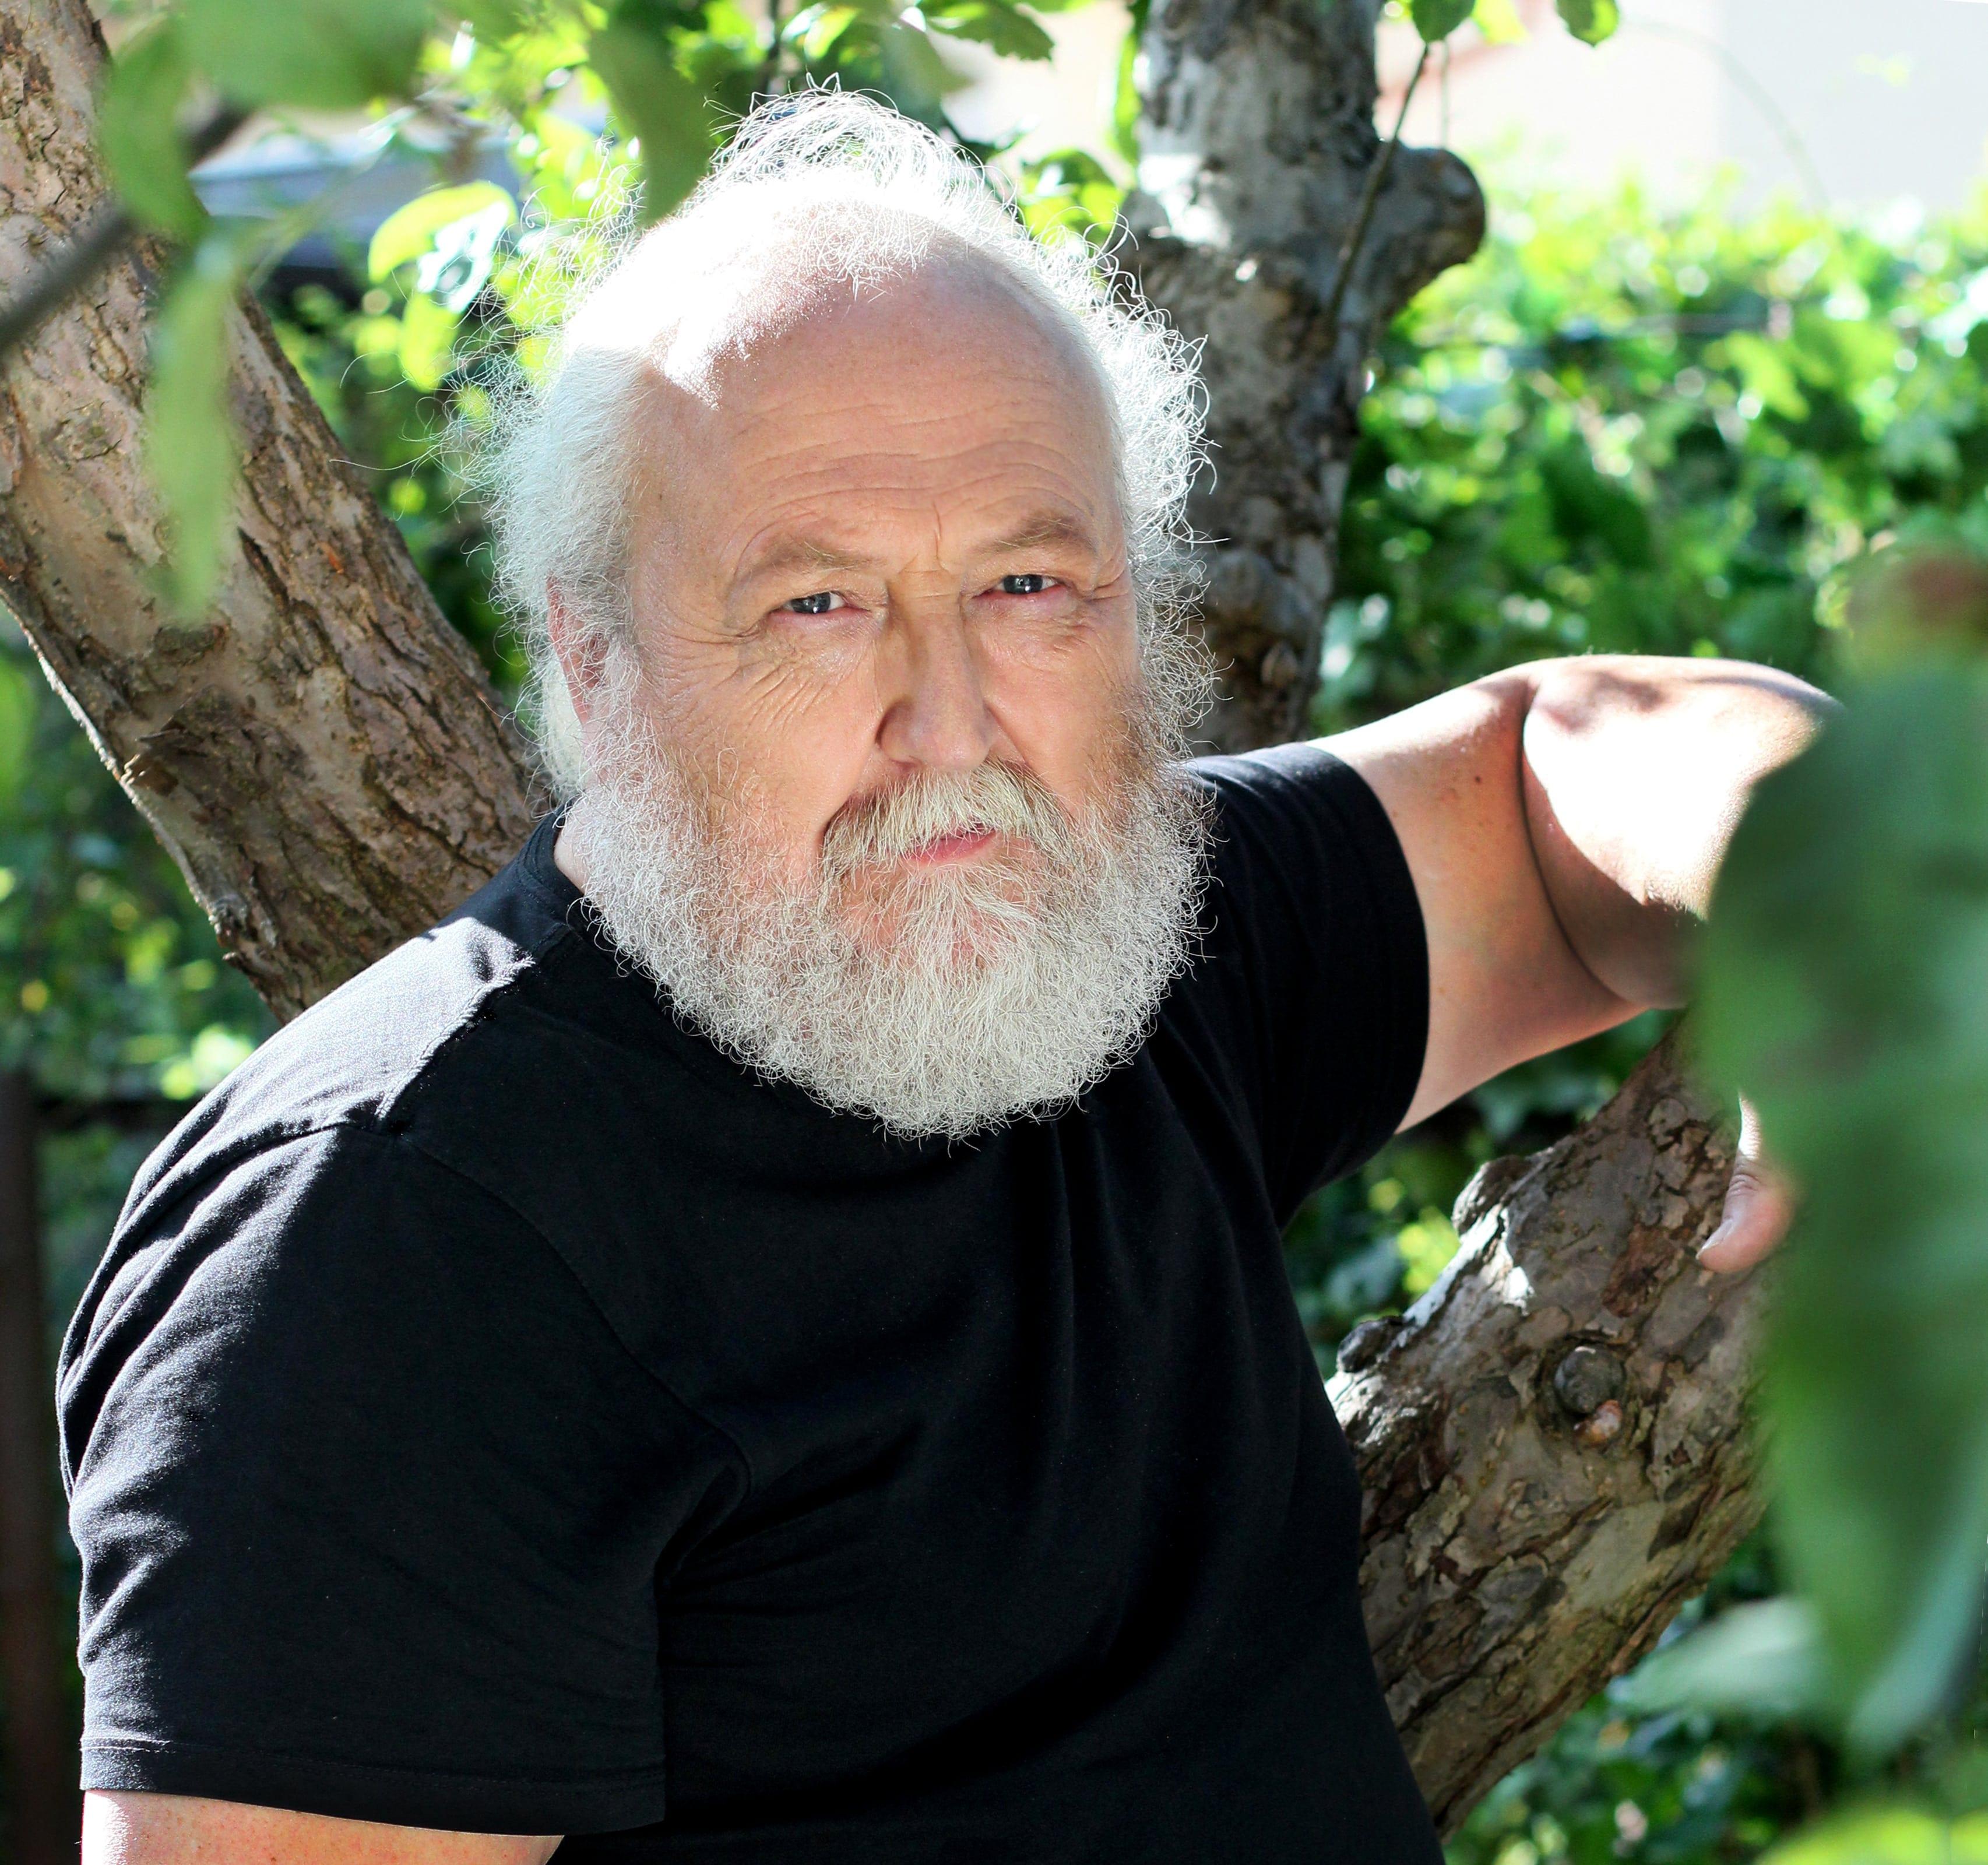 Jarosław Kordziński